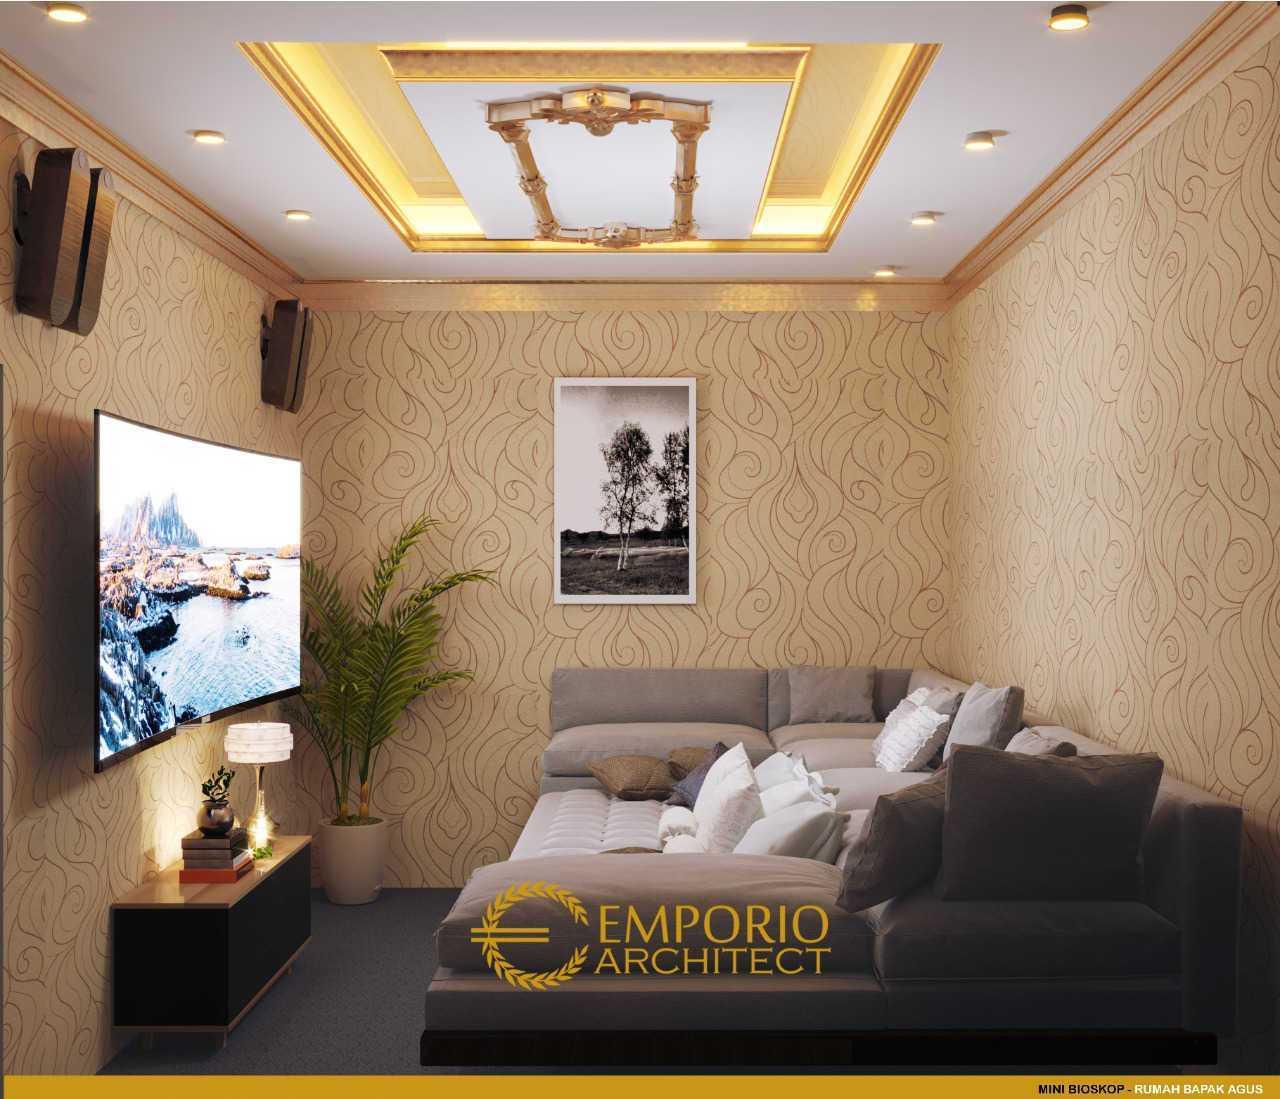 Emporio Architect Jasa Arsitek Balikpapan Desain Rumah Mediteran 2 Lantai 712 @ Balikpapan Balikpapan, Kota Balikpapan, Kalimantan Timur, Indonesia Balikpapan, Kota Balikpapan, Kalimantan Timur, Indonesia Emporio-Architect-Jasa-Arsitek-Balikpapan-Desain-Rumah-Mediteran-2-Lantai-712-Balikpapan  89942